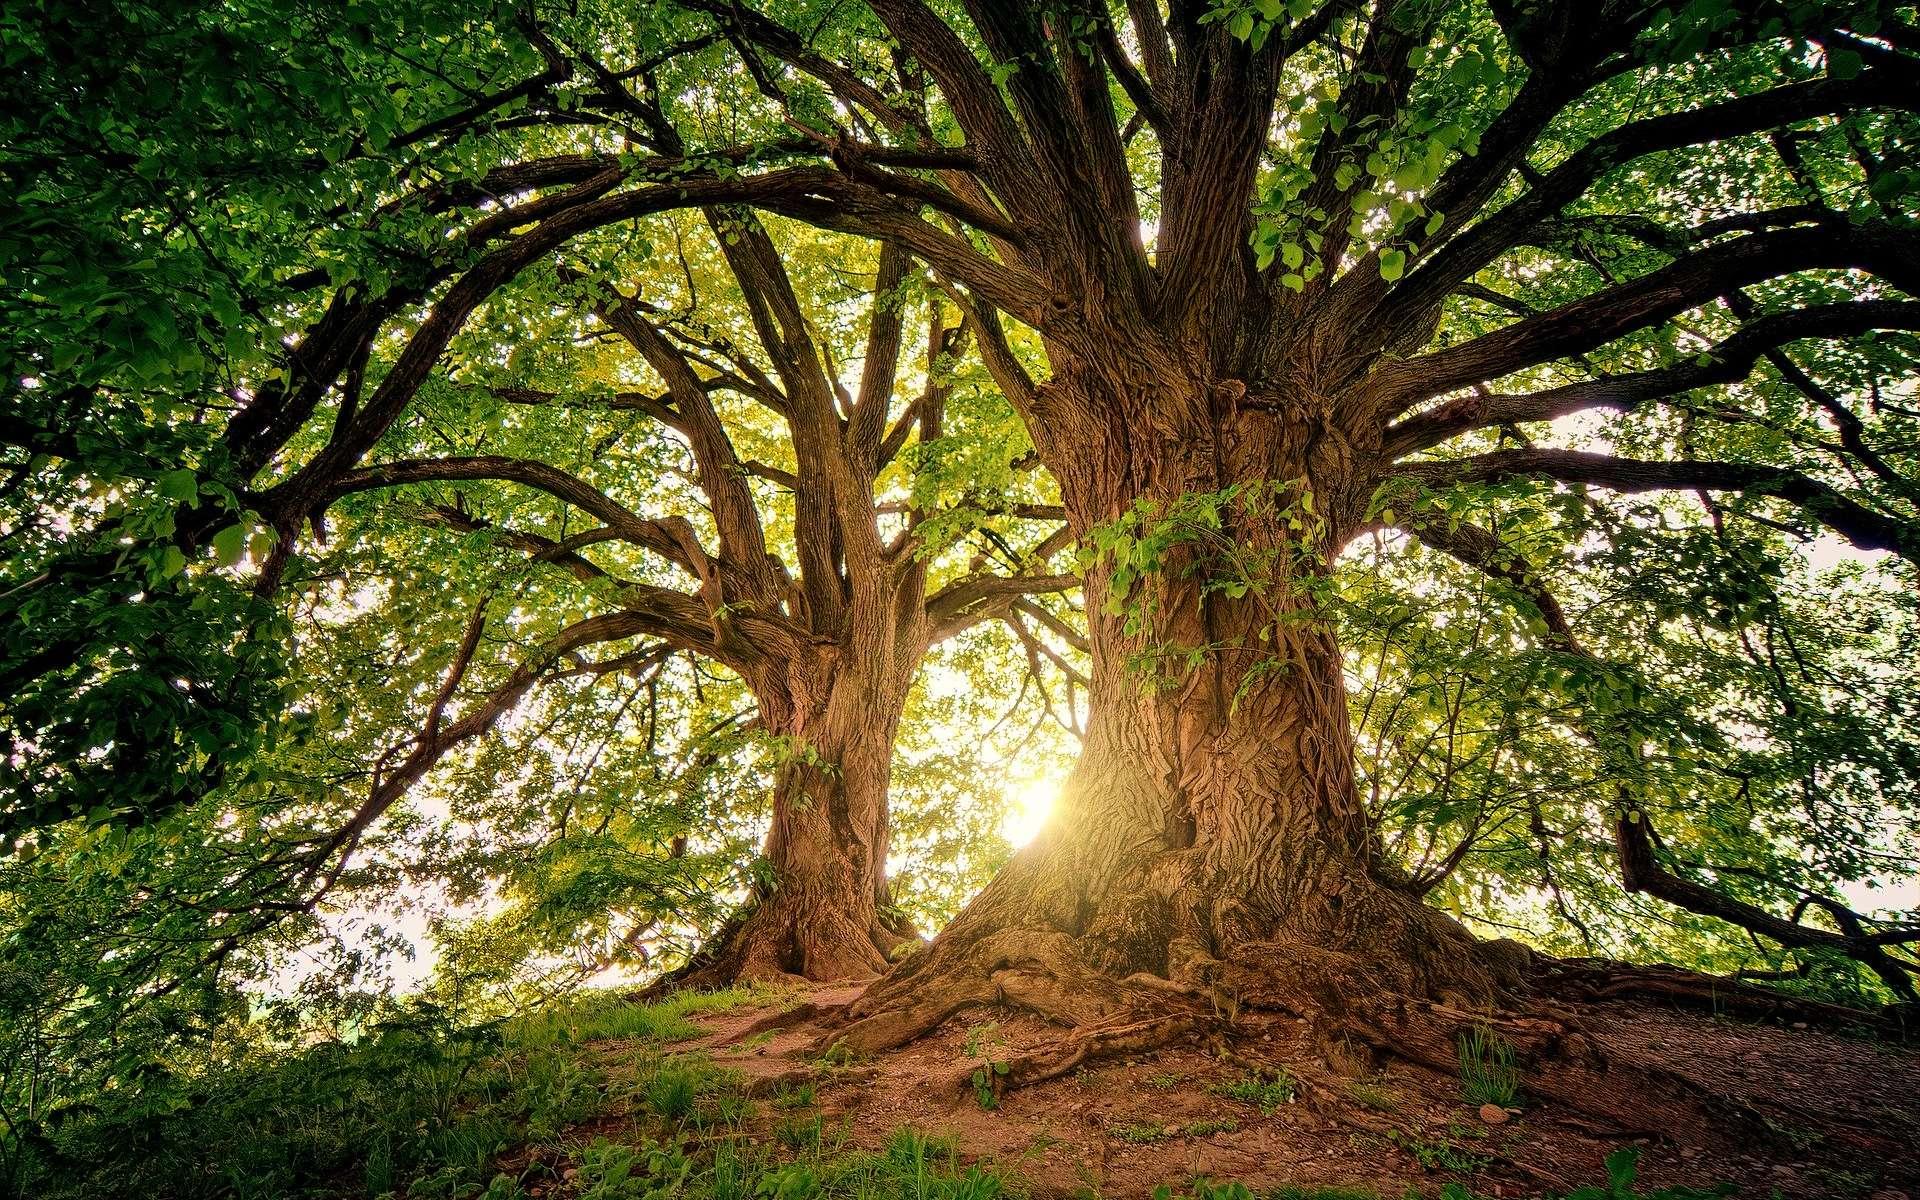 Le projet de Francis Hallé : faire renaître en Europe de l'Ouest une forêt primaire. © Jplenio, Pïxabay, DP